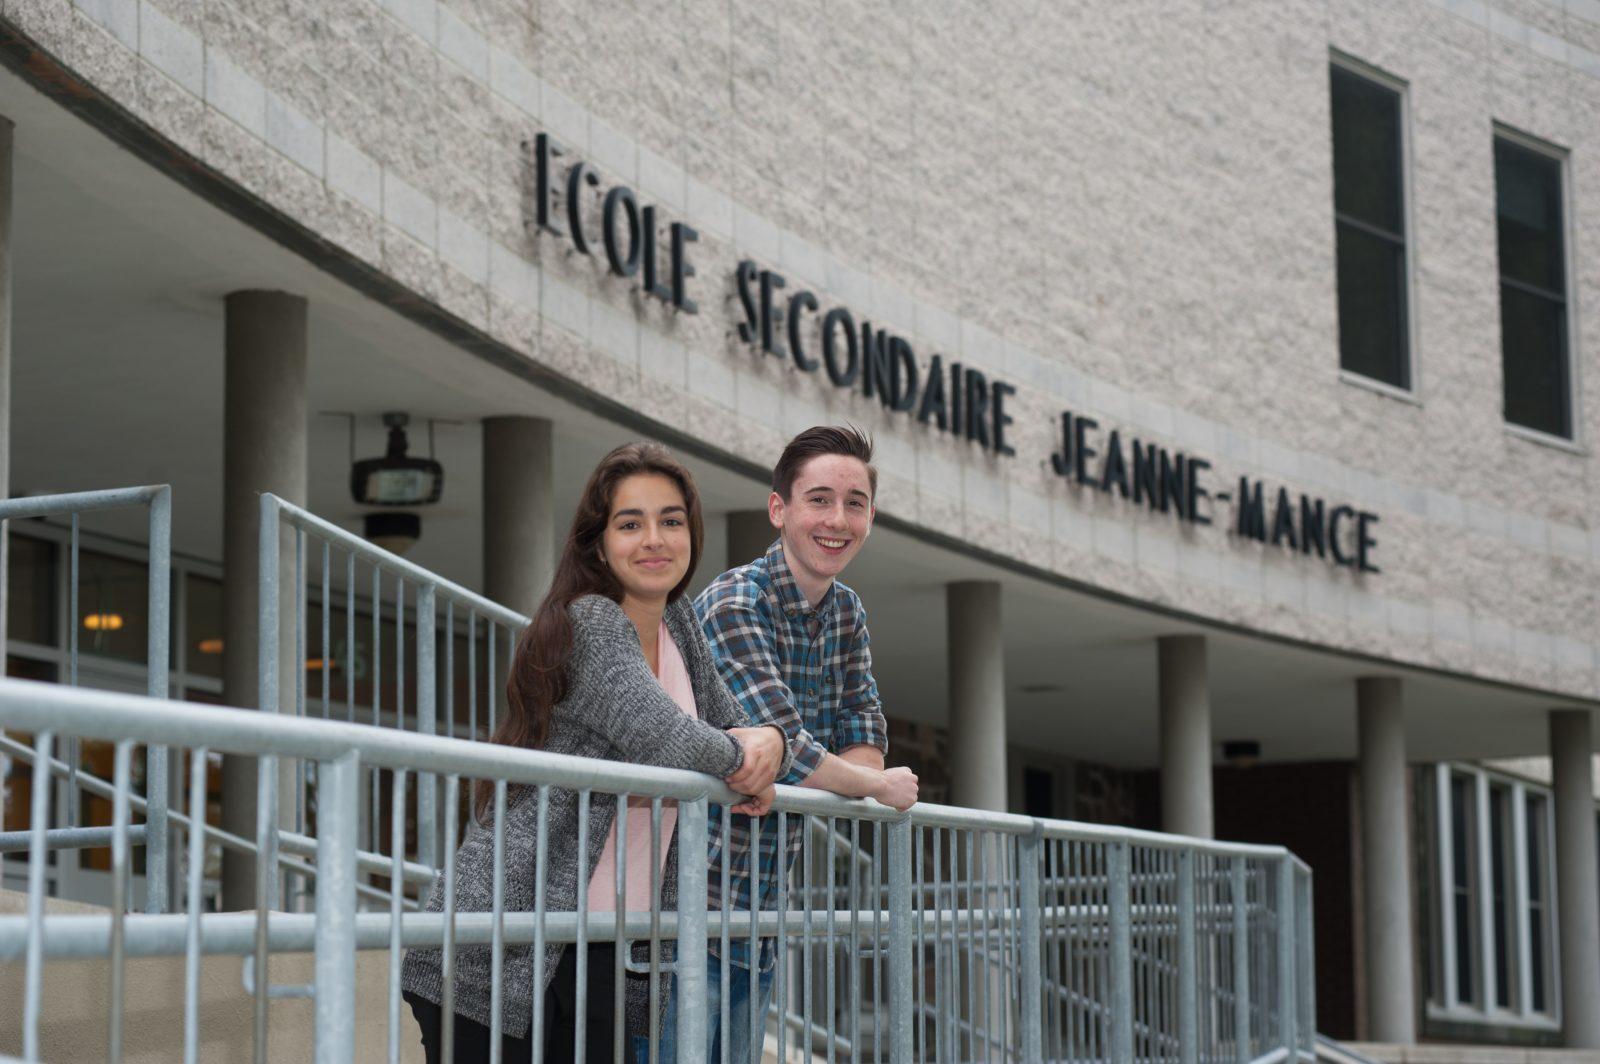 L'école Jeanne-Mance apporte un changement à son programme d'éducation internationale